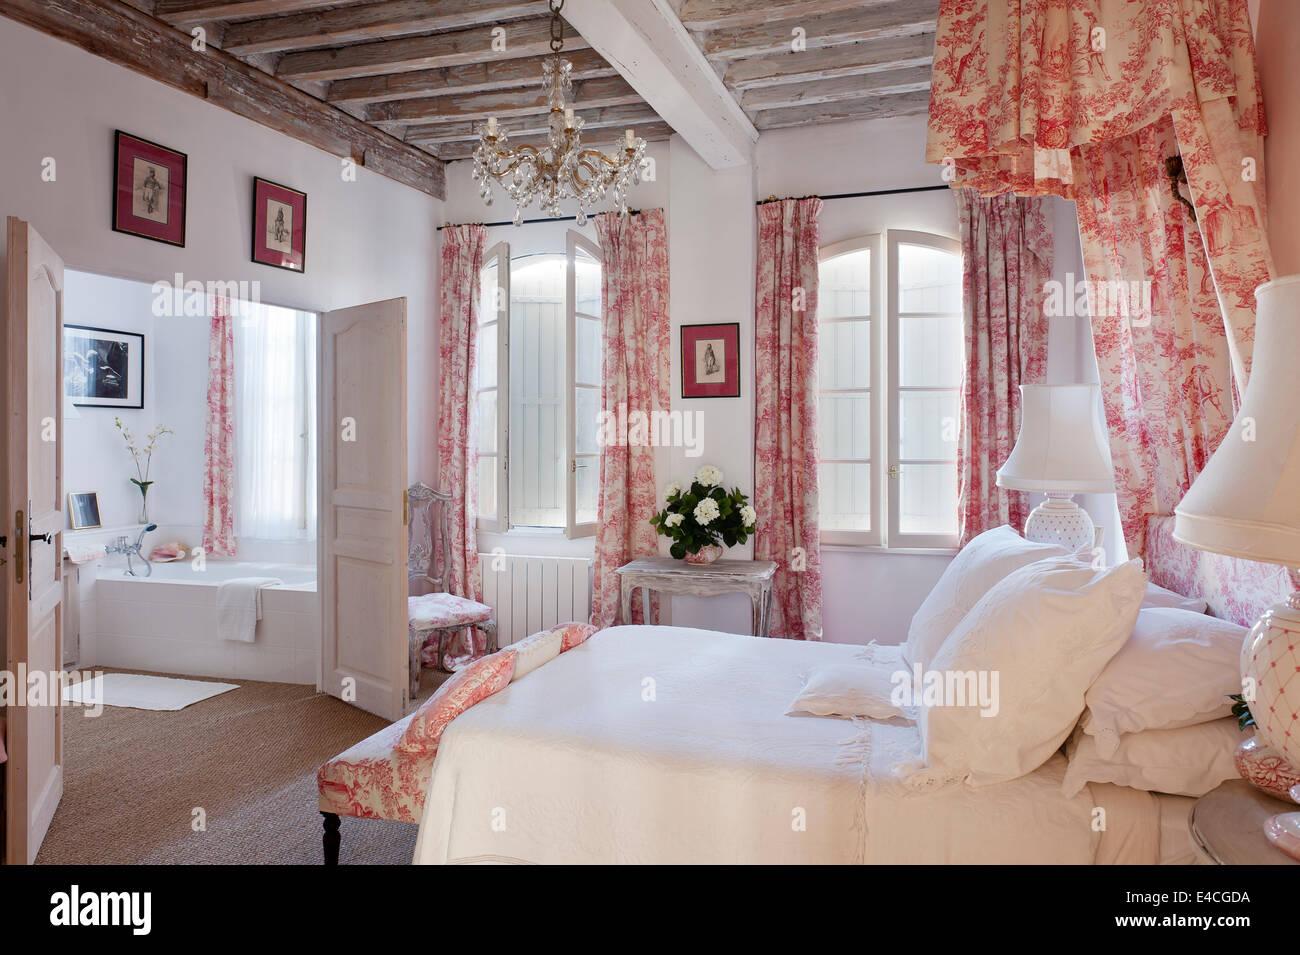 Rosa und wei e toile de jouy stoff auf kissen vorhang und - Vorhang auf englisch ...